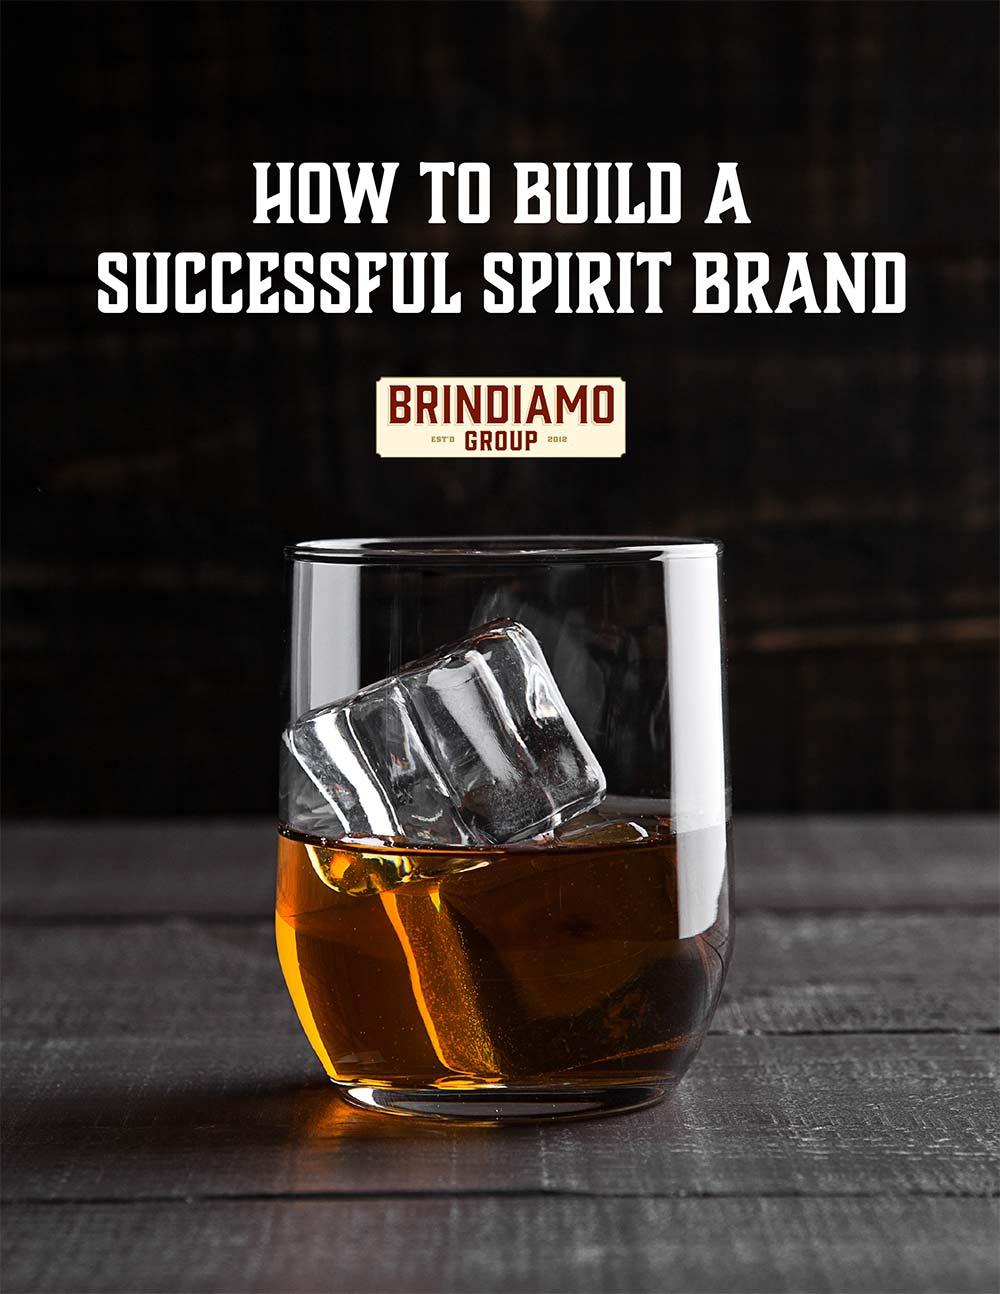 Brindiamo-eBook-How-to-Build-a-Successful-Spirit-Brand-Thumbnail.jpg